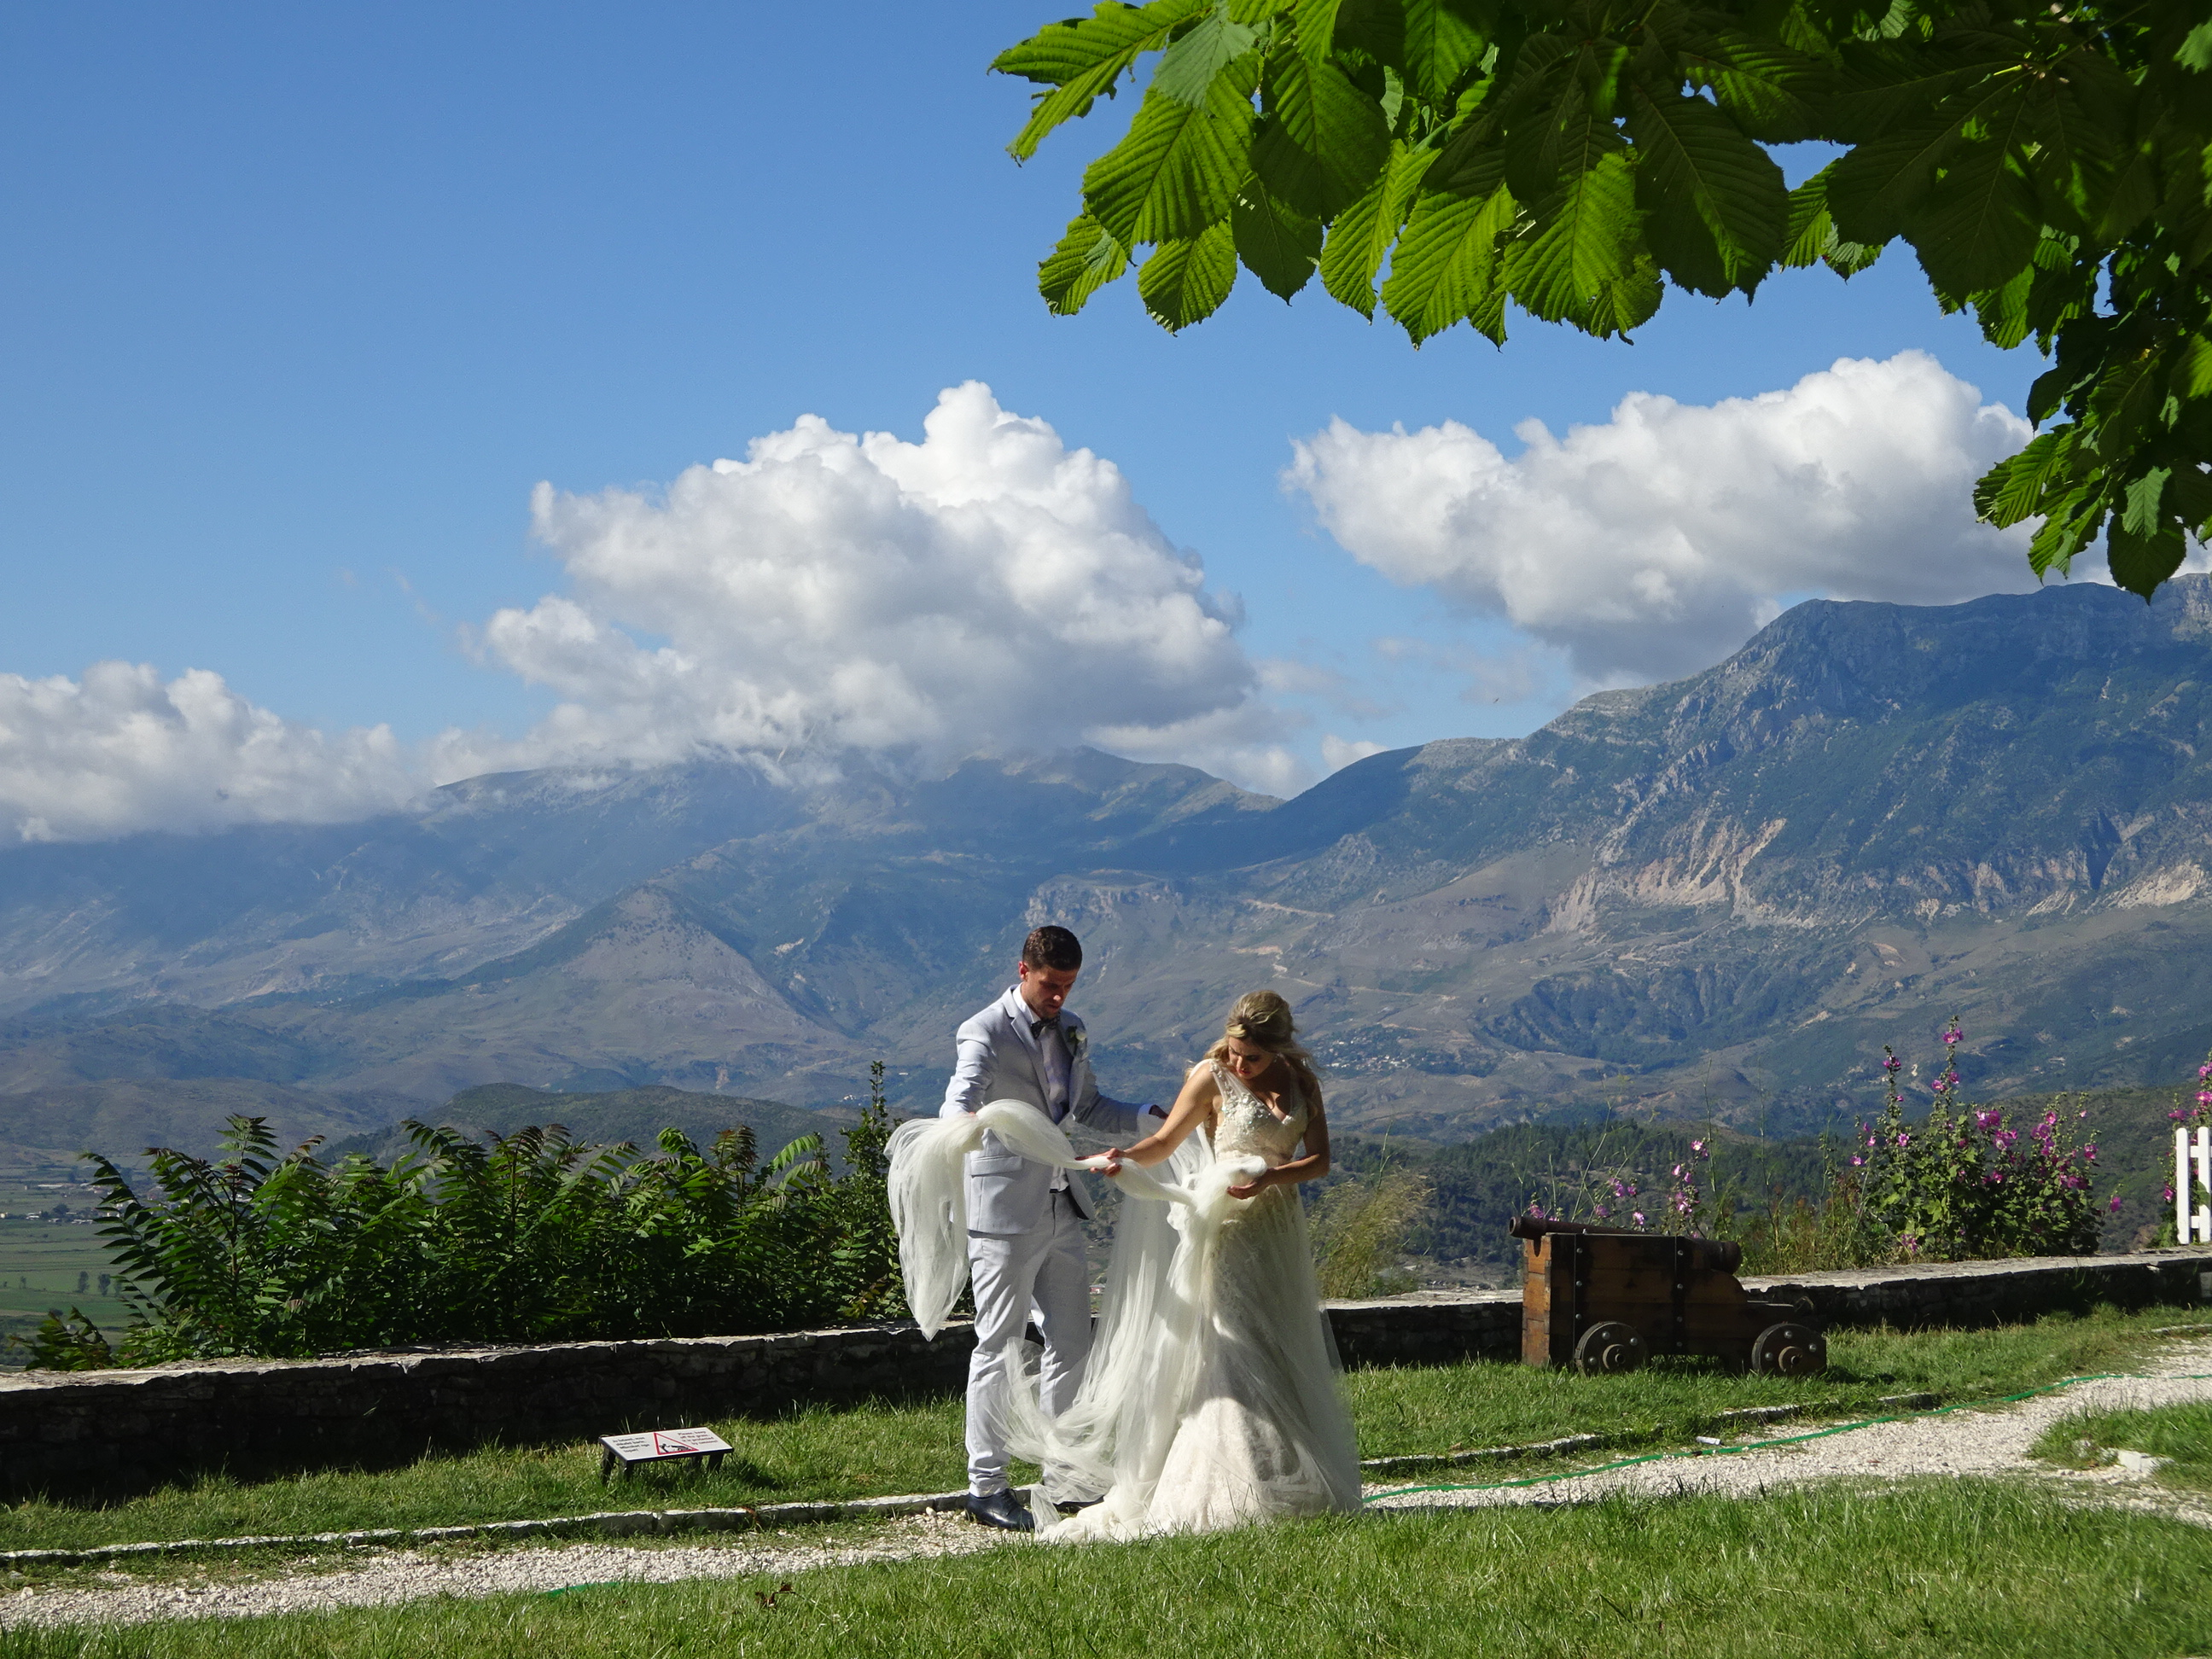 アルバニアの観光【ジロカストラ城にいた花嫁と花婿】